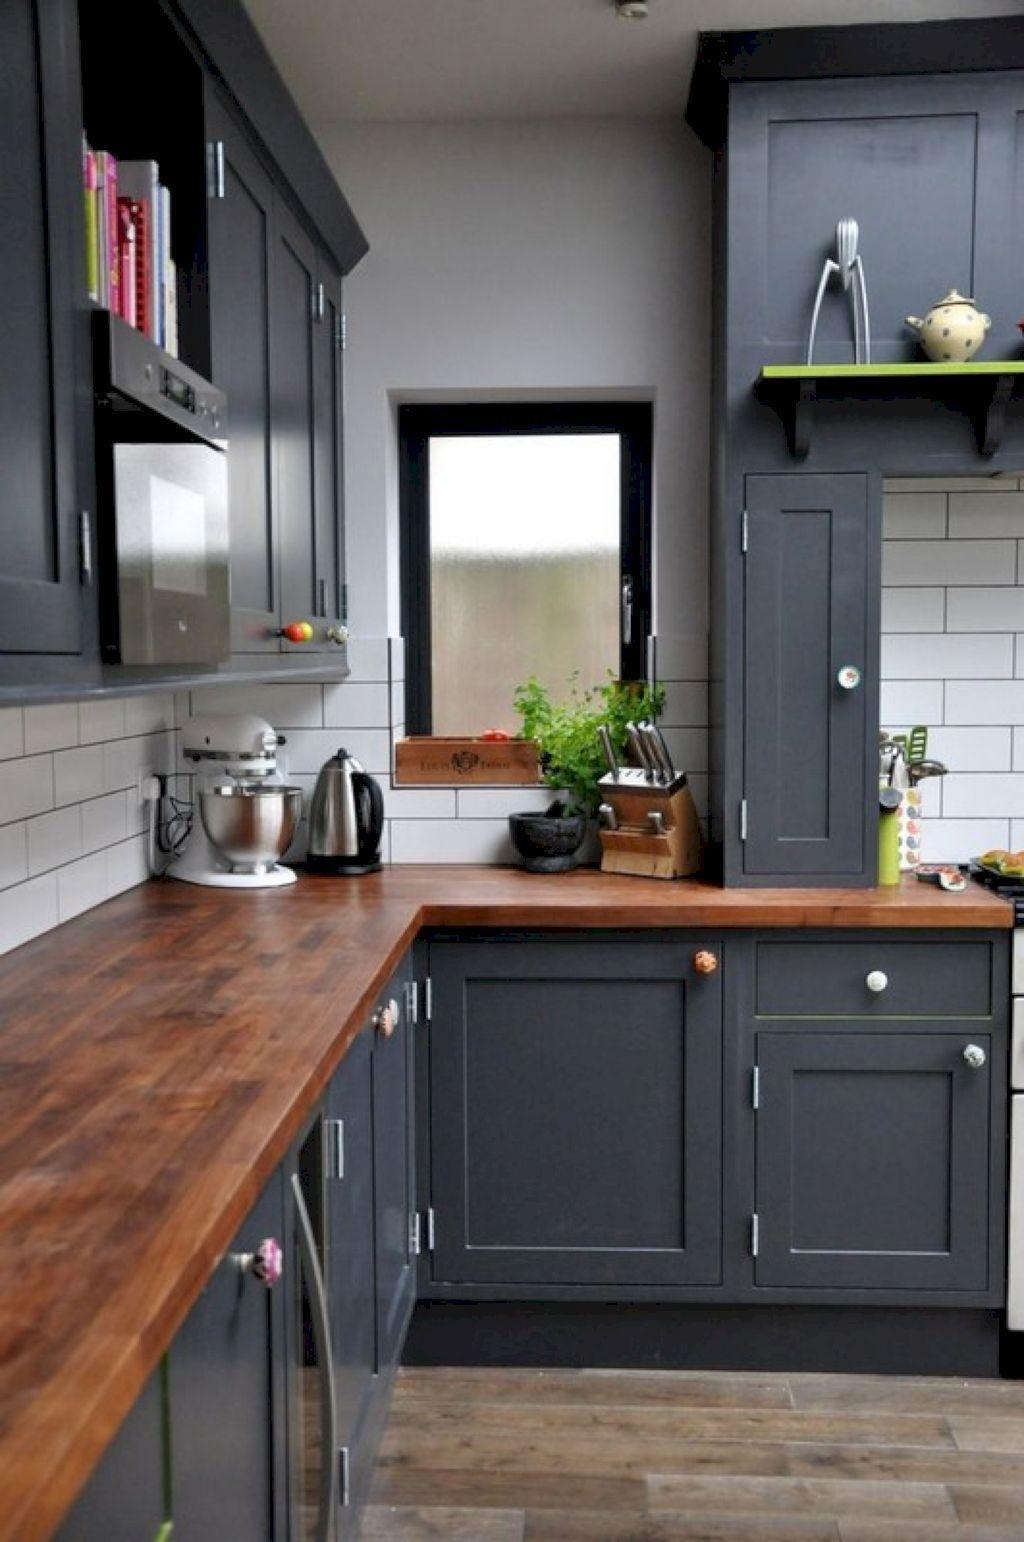 42 Amazing Modern Kitchen Cabinet Design Ideas  Modern Kitchen Inspiration Modern Kitchen Cabinets Design Ideas Decorating Design